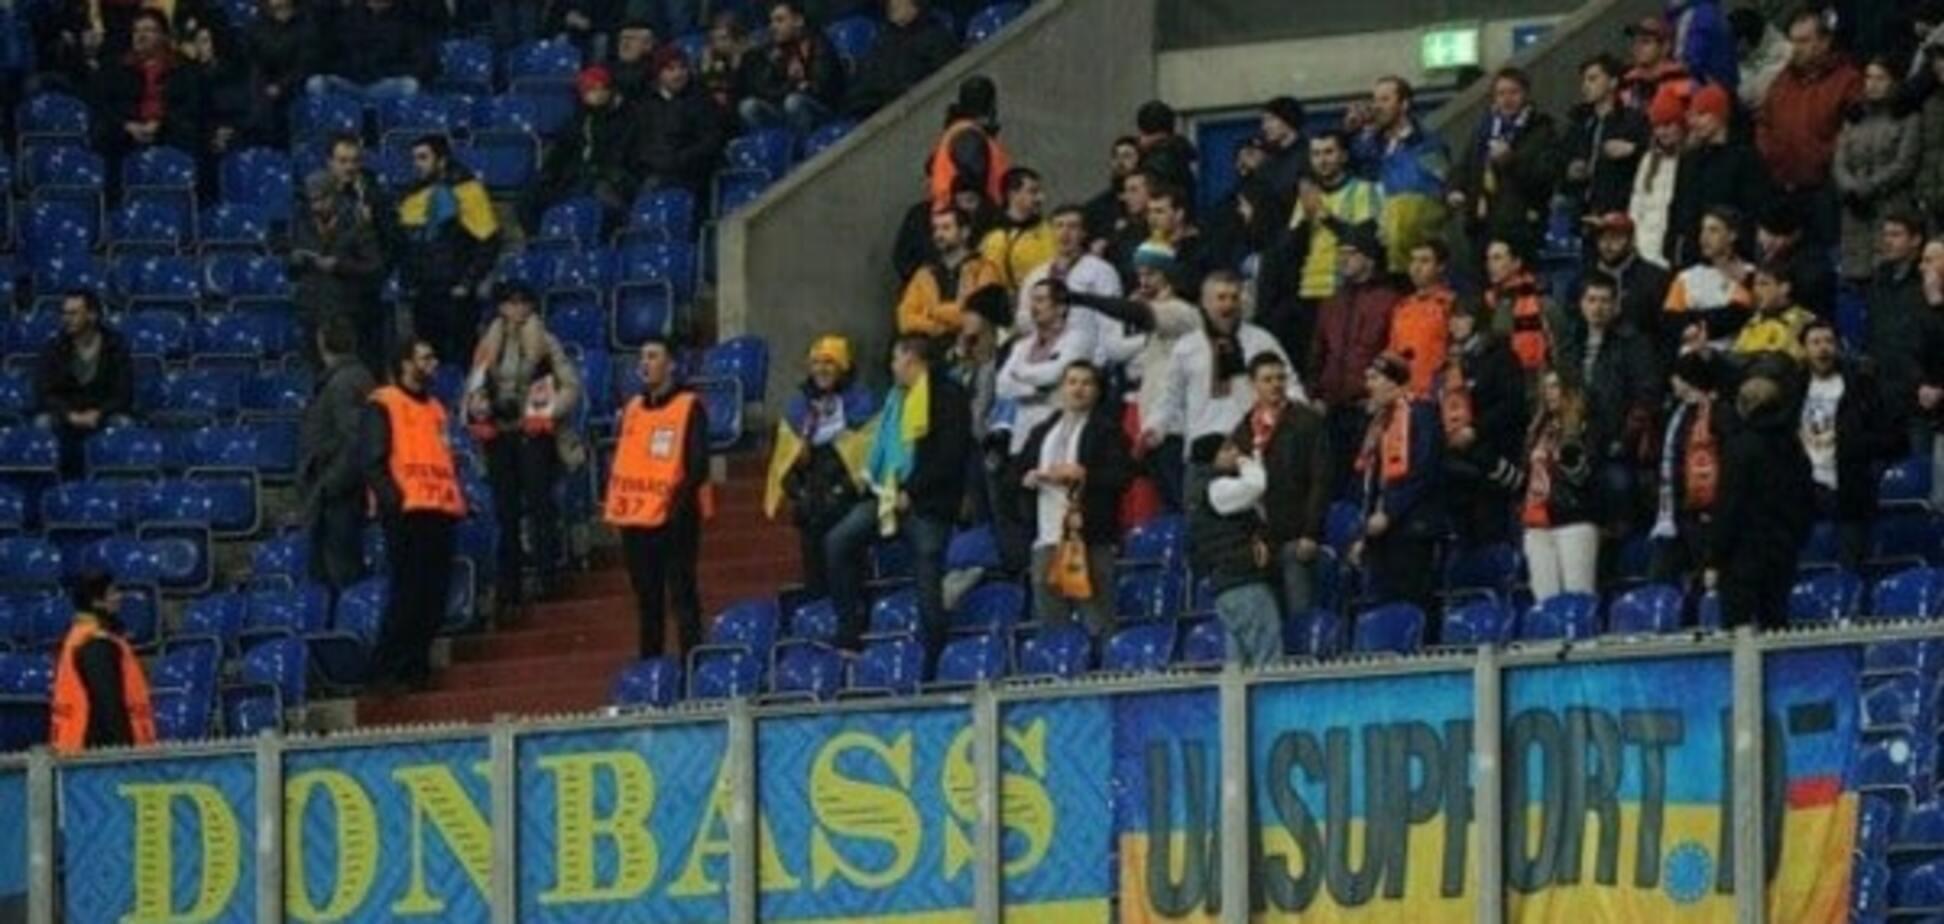 'Донбасс - Украина'. В Германии фанаты на матче 'Шахтера' вывесили патриотичный баннер: фотофакт